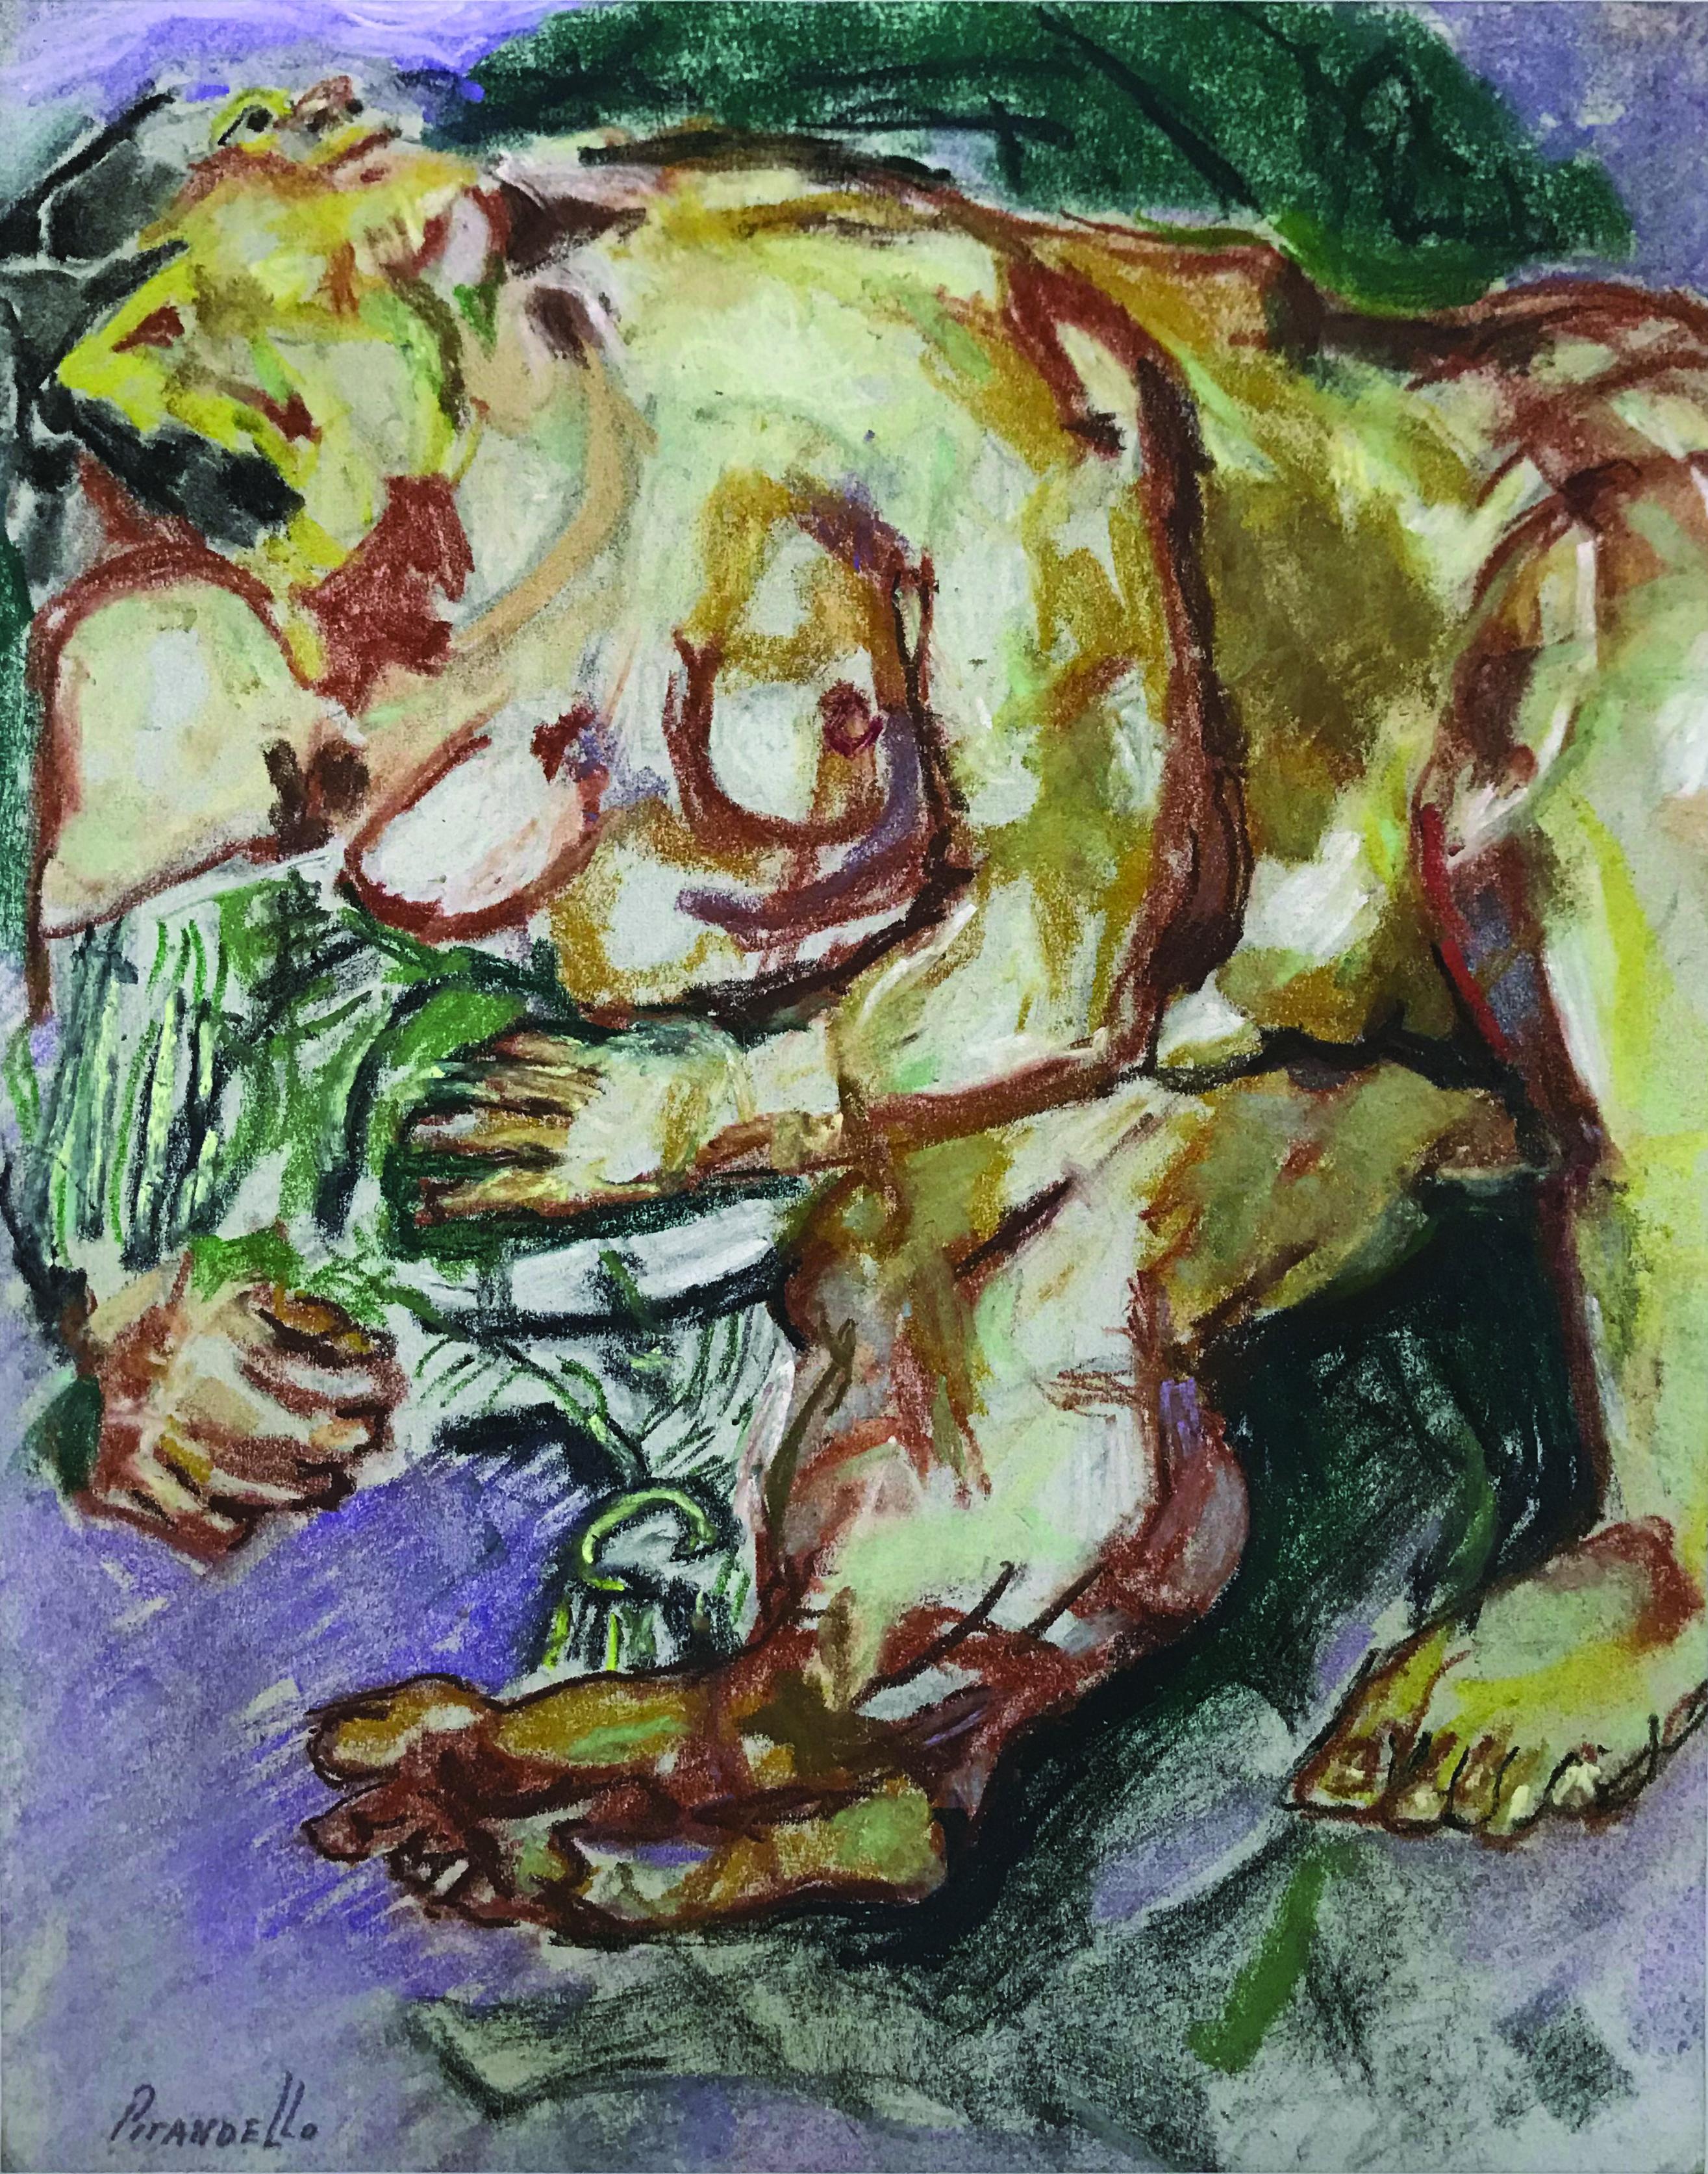 Fausto Pirandello, Nudo, 1965 circa, pastelli su carta